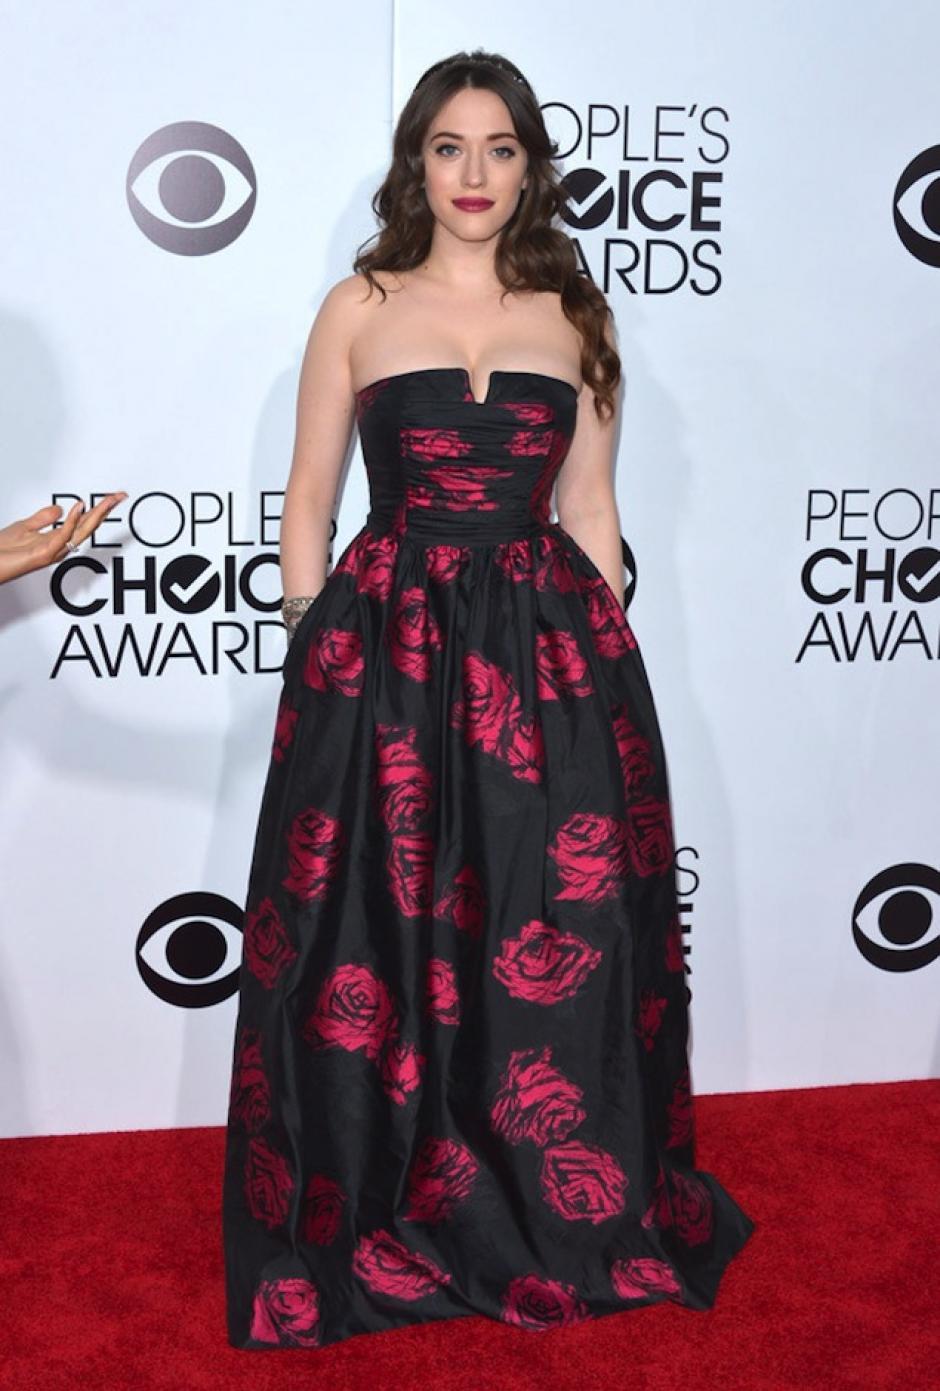 El vestido floreado de Kat Dennings que utilizó para la alfombra dio mucho de qué hablar. Su autor es David Meister. (Foto: Trendencias)